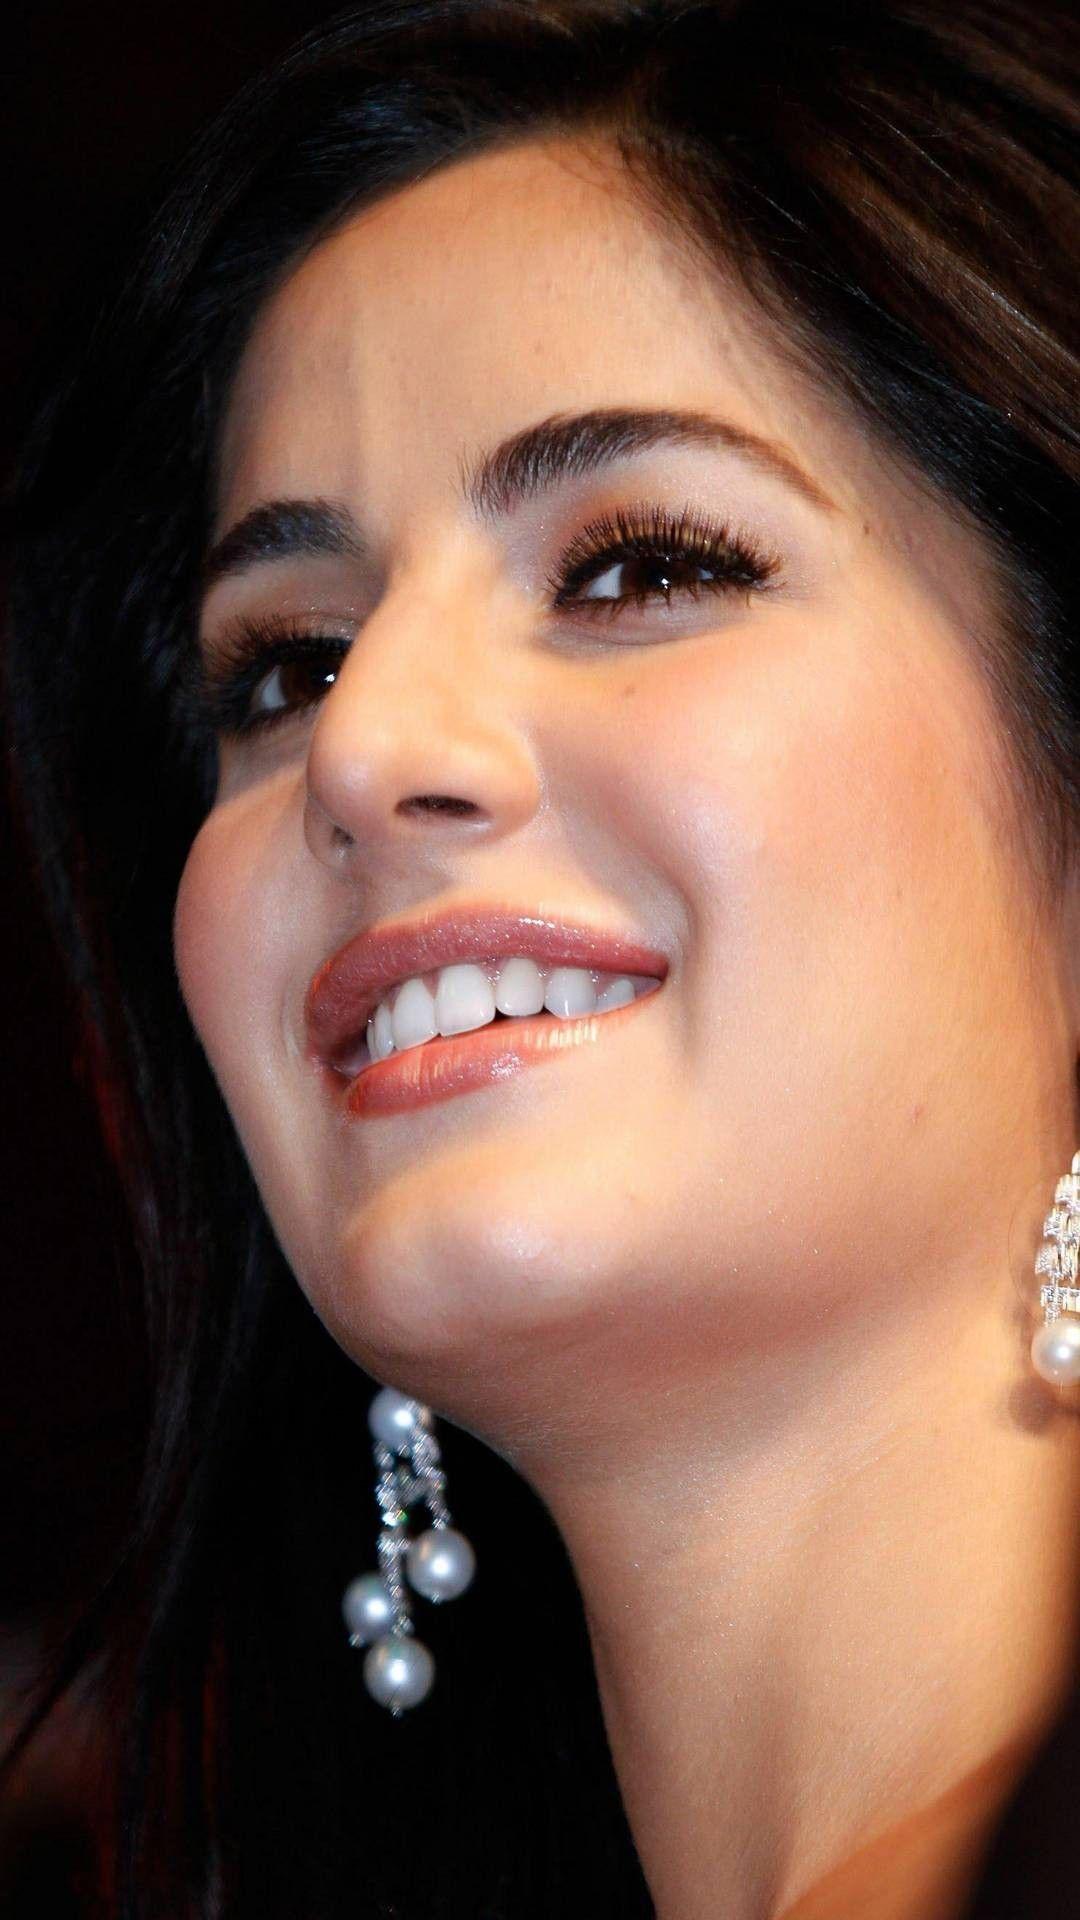 Dhoom 3 Katrina Kaif in 2020 | Katrina kaif hot pics ...